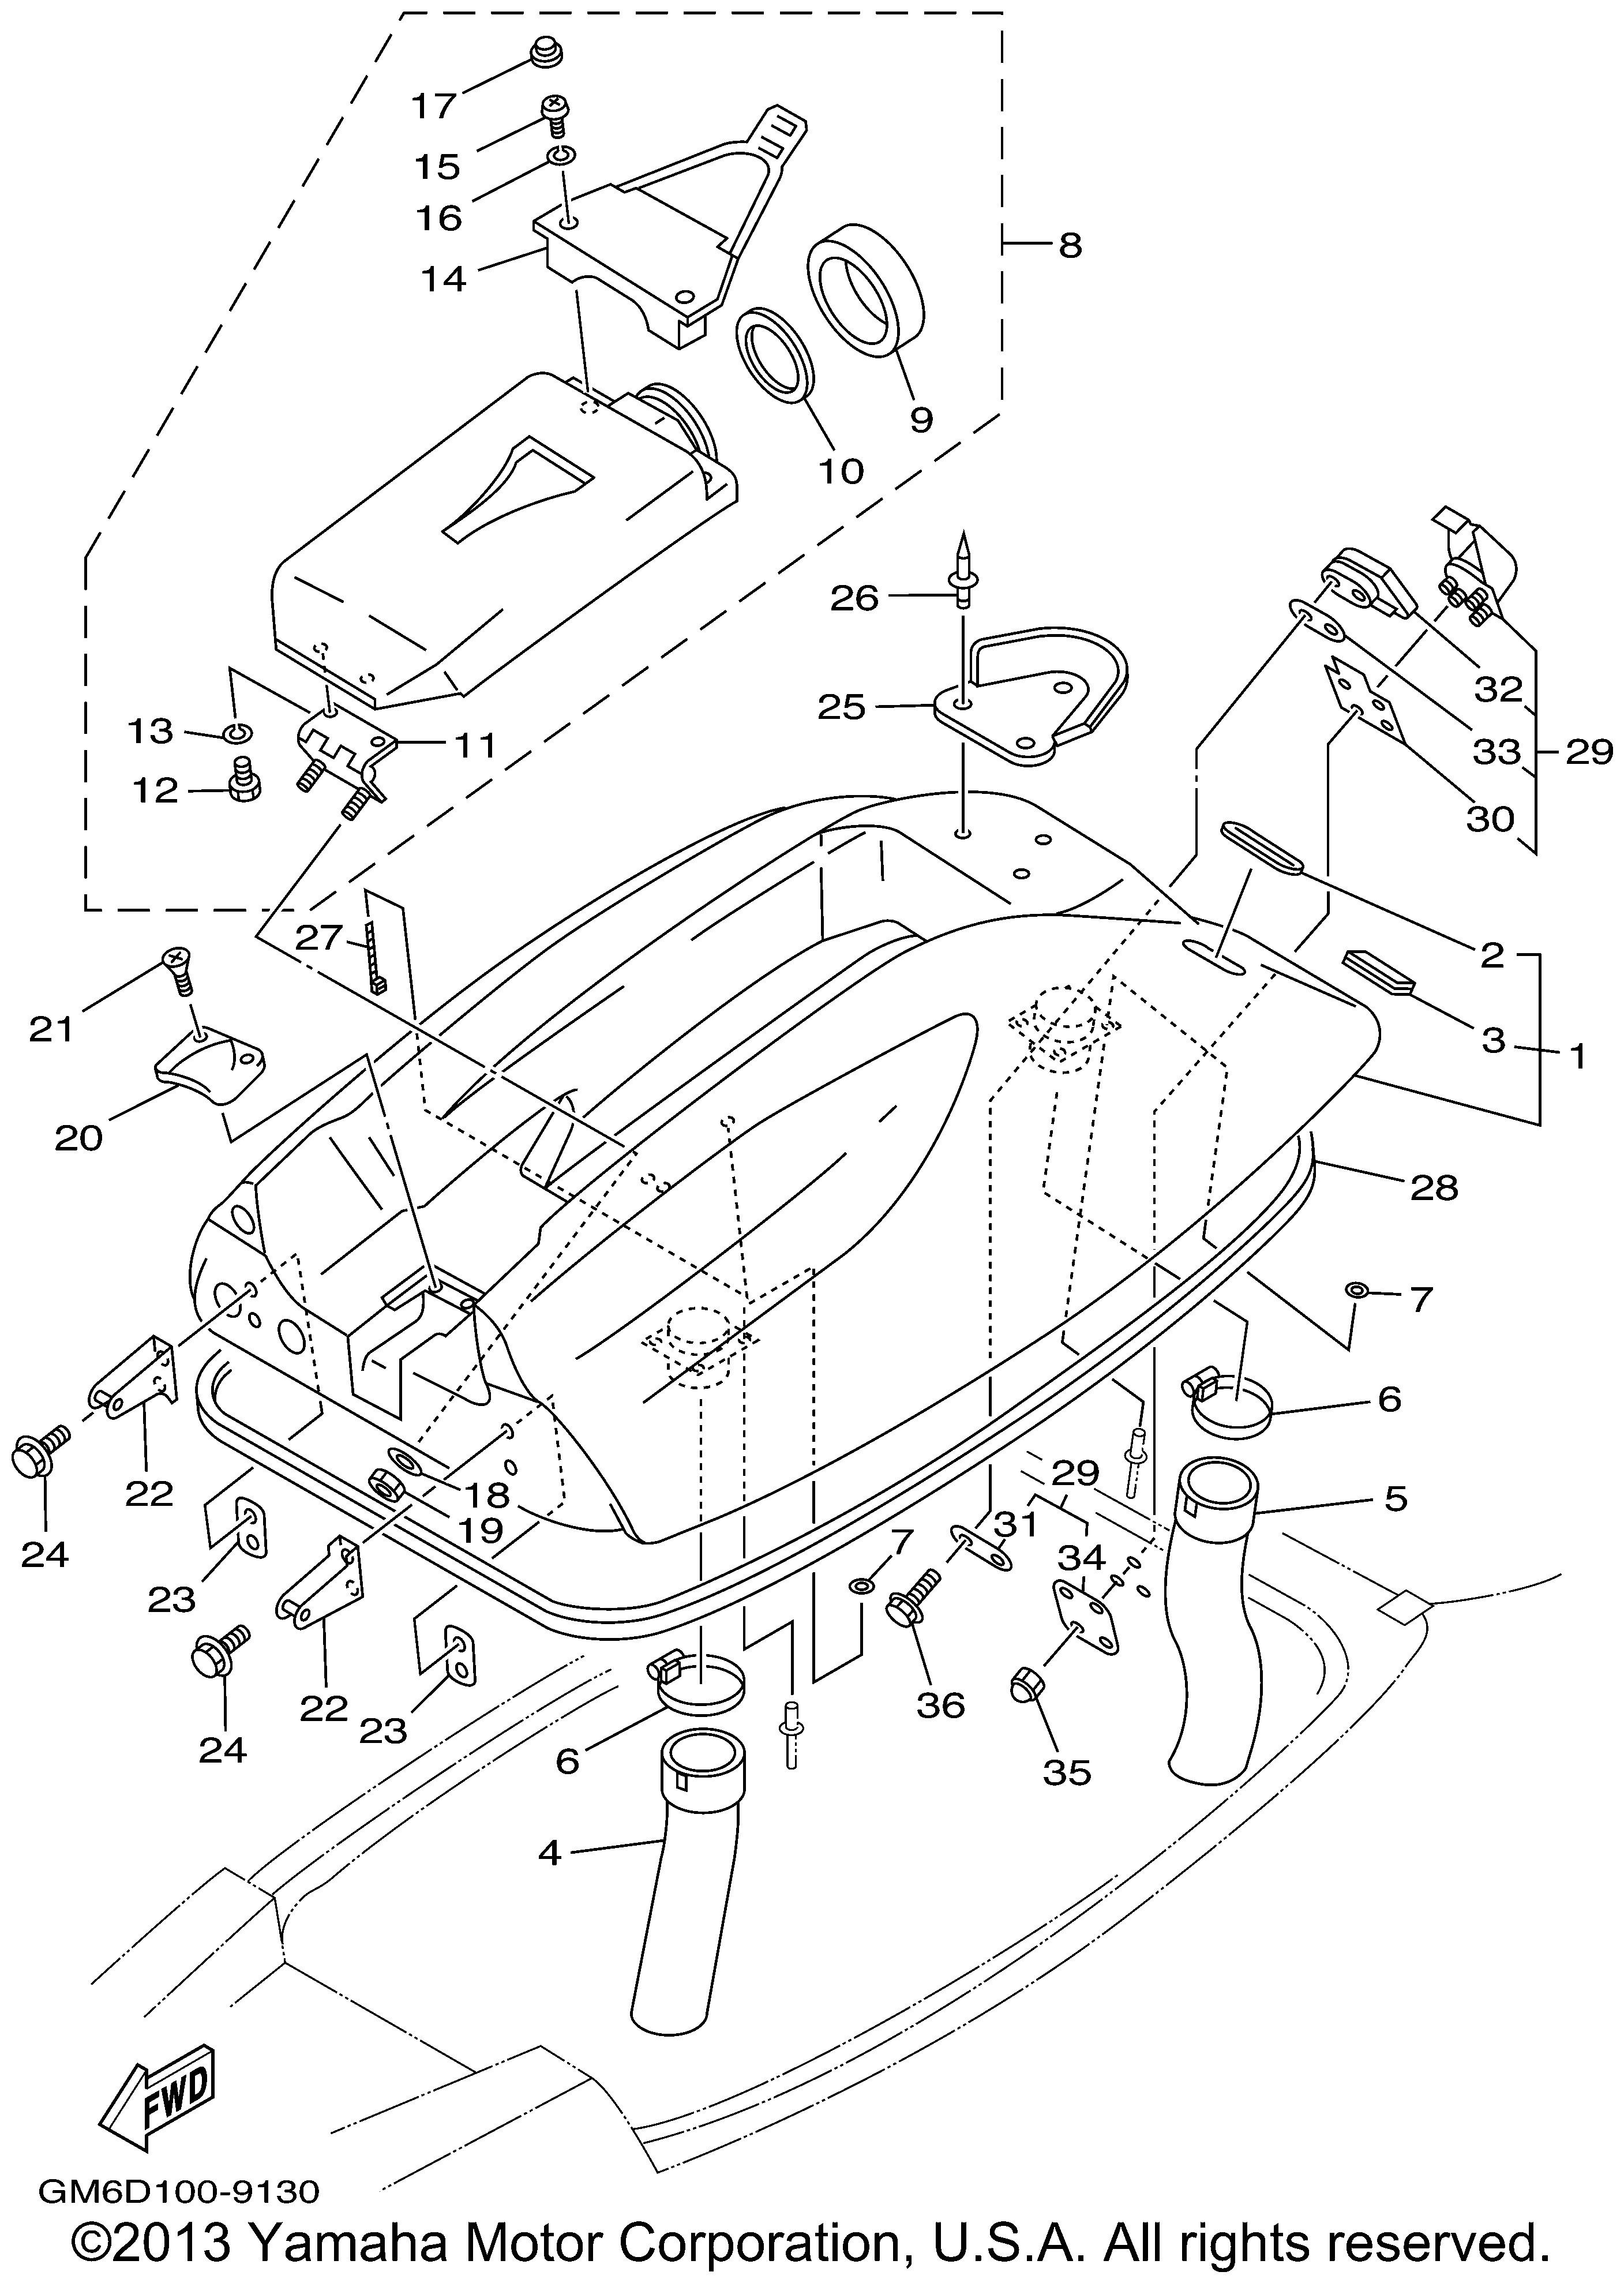 Kimpex Wiring Diagram